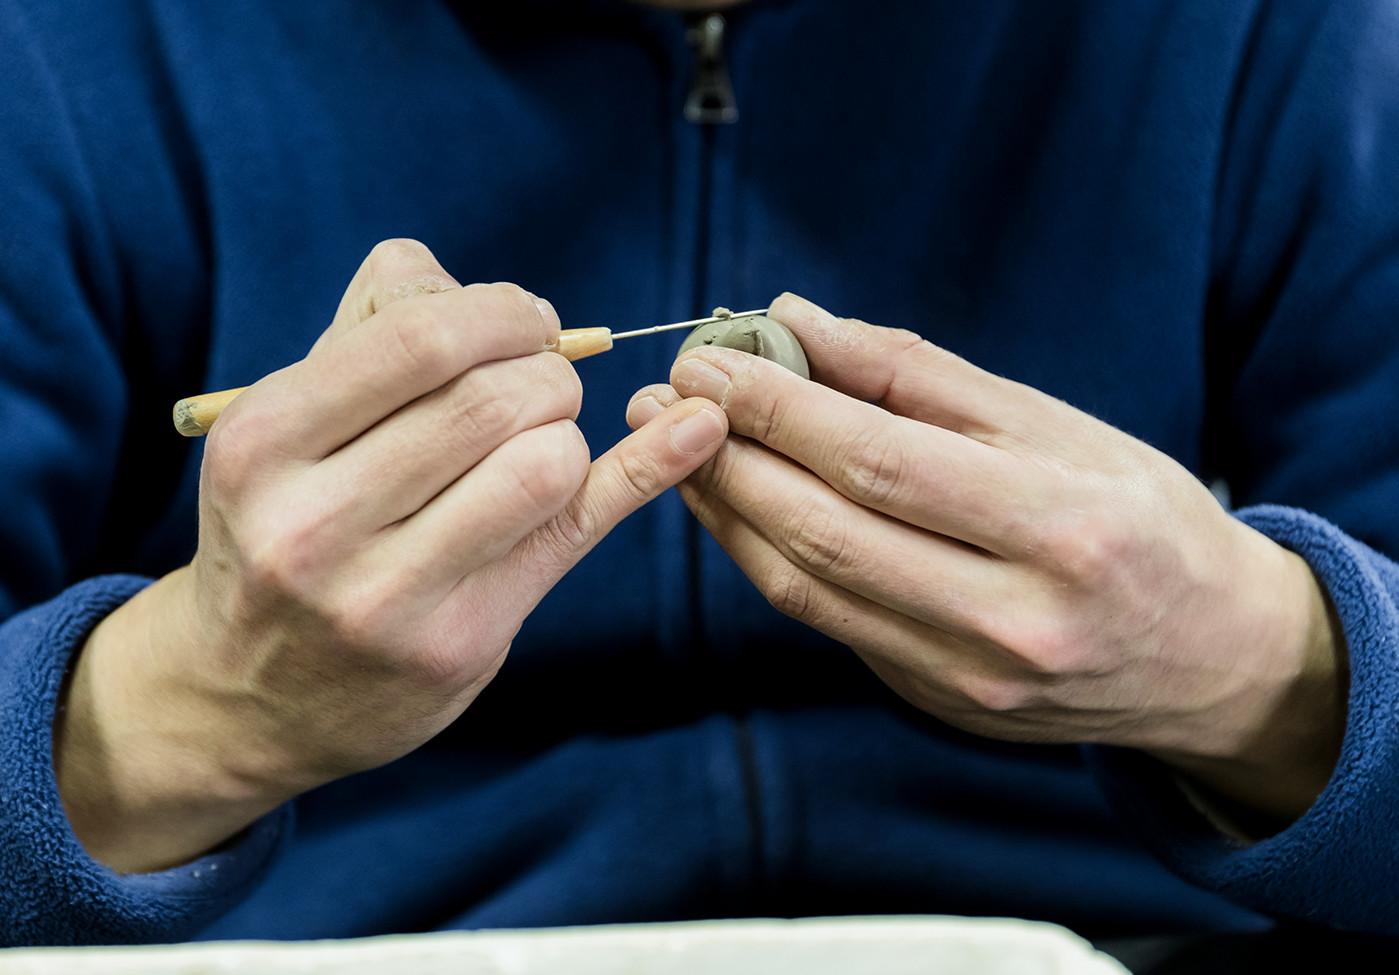 針などの道具で、胴体や顔の土の乱れを一つずつ直しながら整えています。